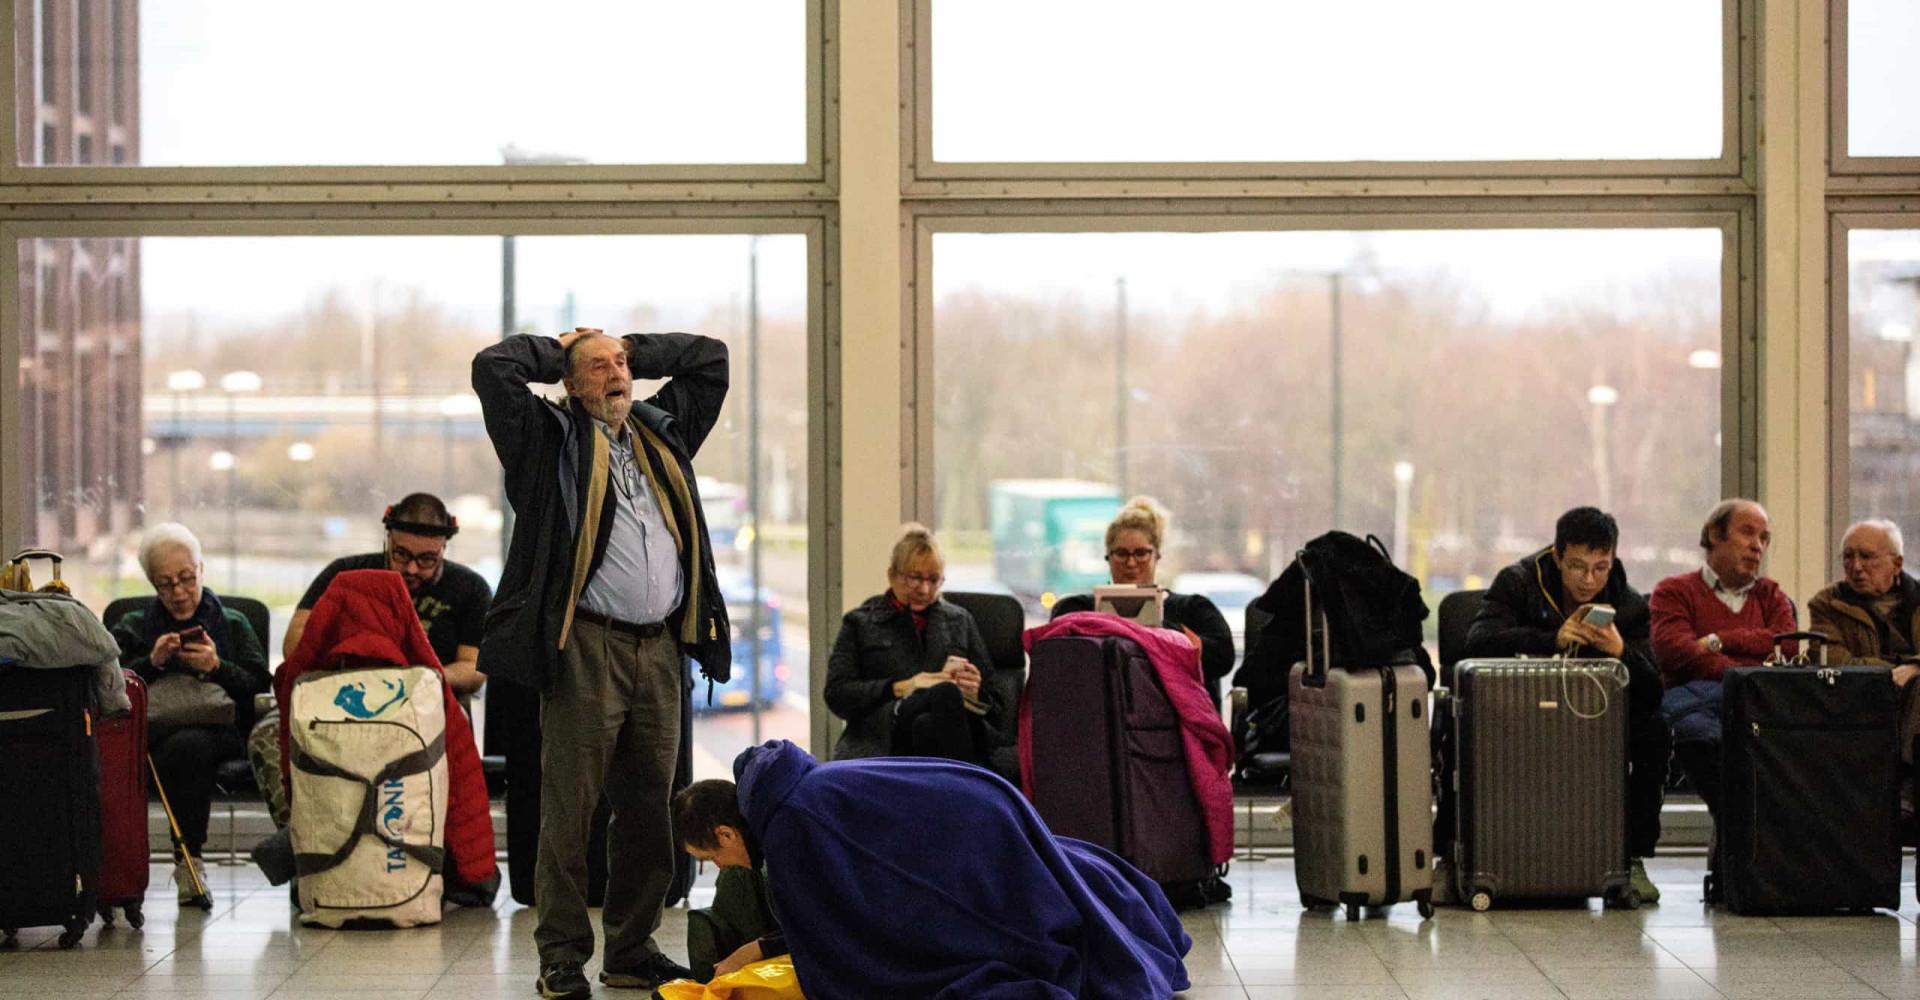 Las experiencias más extrañas vividas en aeropuertos